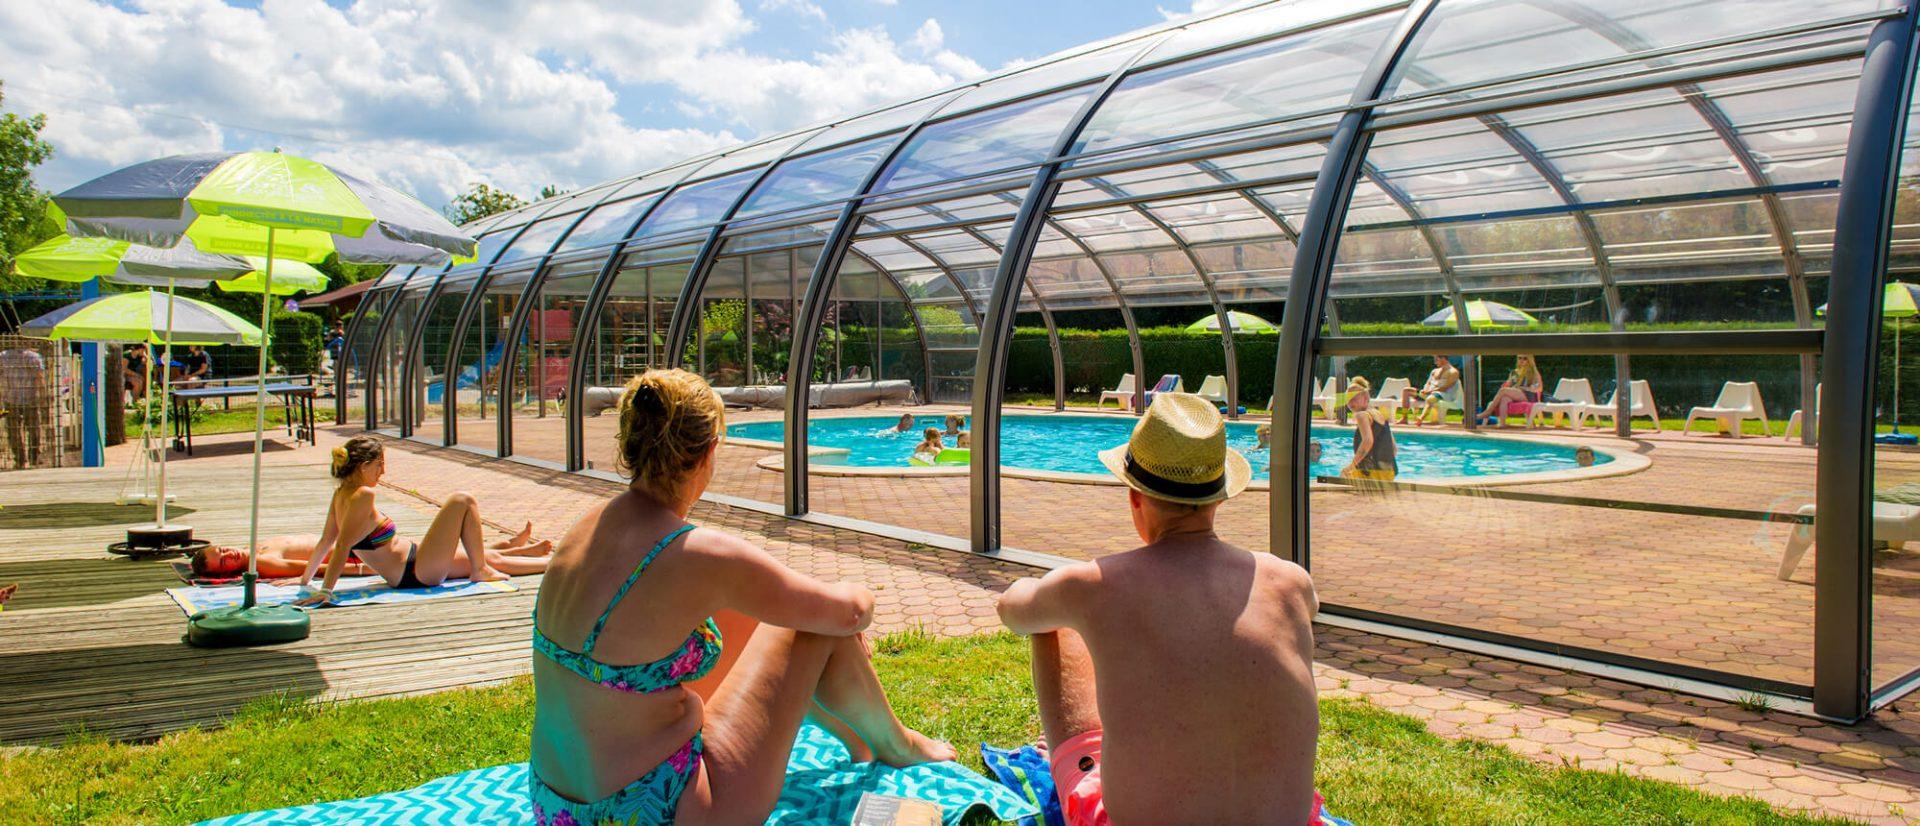 Panorama de personnes au solarium avec vue sur la piscine couverte du Clos de la Chaume un camping Piscine Couverte dans les Vosges